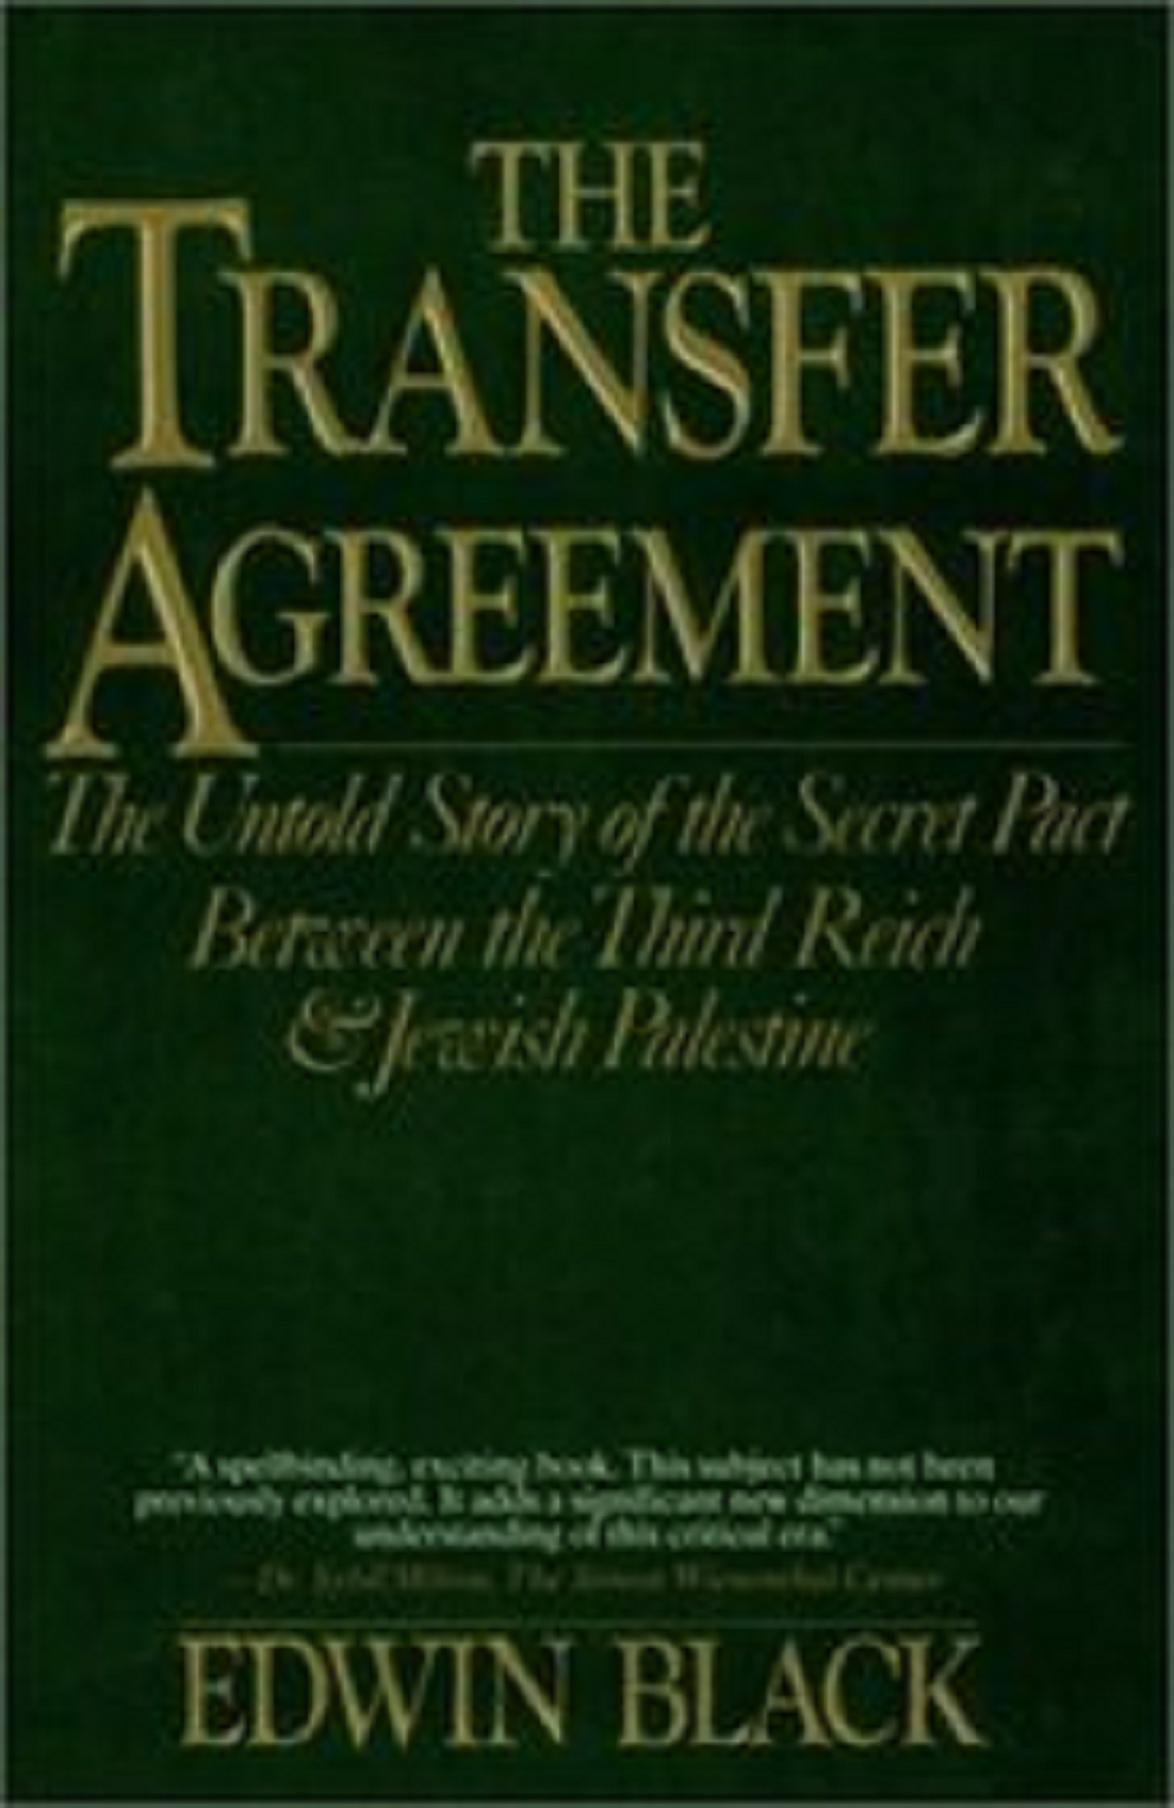 Η αντισημιτική πολιτική του Χίτλερ προκάλεσε το μποϊκοτάζ των γερμανικών προϊόντων από την εβραϊκή διασπορά. Το βιβλίο με τίτλο The transfer Agreement {Η συμφωνία μεταφοράς: Η ανείπωτη ιστορία του Μυστικού Συμφώνου Μεταξύ του Τρίτου Ράιχ και της εβραϊκής Παλαιστίνης) αναφέρει, όπως και ο Douglas Dietrich , τη μυστική συμφωνία μεταξύ της σιωνιστικής ηγεσίας και του Τρίτου Ράιχ, σχετικά με τη μετανάστευση Γερμανών Εβραίων υπό κάπως πιο ευνοϊκές οικονομικές συνθήκες και με την υπόσχεση διμερών εμπορικών σχέσεων! Εις αντάλλαγμα, οι Σιωνιστές που ήλεγχαν την εβραϊκή διασπορά θα έπαυαν το παγκόσμιο μποϋκοτάζ γερμανικών προϊόντων. Ο συγγραφέας επιμένει πως οι Σιωνιστές είχαν θέσει σε προτεραιότητα τη μετανάστευση τους στην Παλαιστίνη, σε σχέση με την πιθανή προστασία της ζωής των Εβραίων. συστήματα και να έχουν διατηρήσει αρκετή βιοποικιλία στον πληθυσμό, σχεδιάζοντας μια εισβολή στον κόσμο της επιφάνειας...